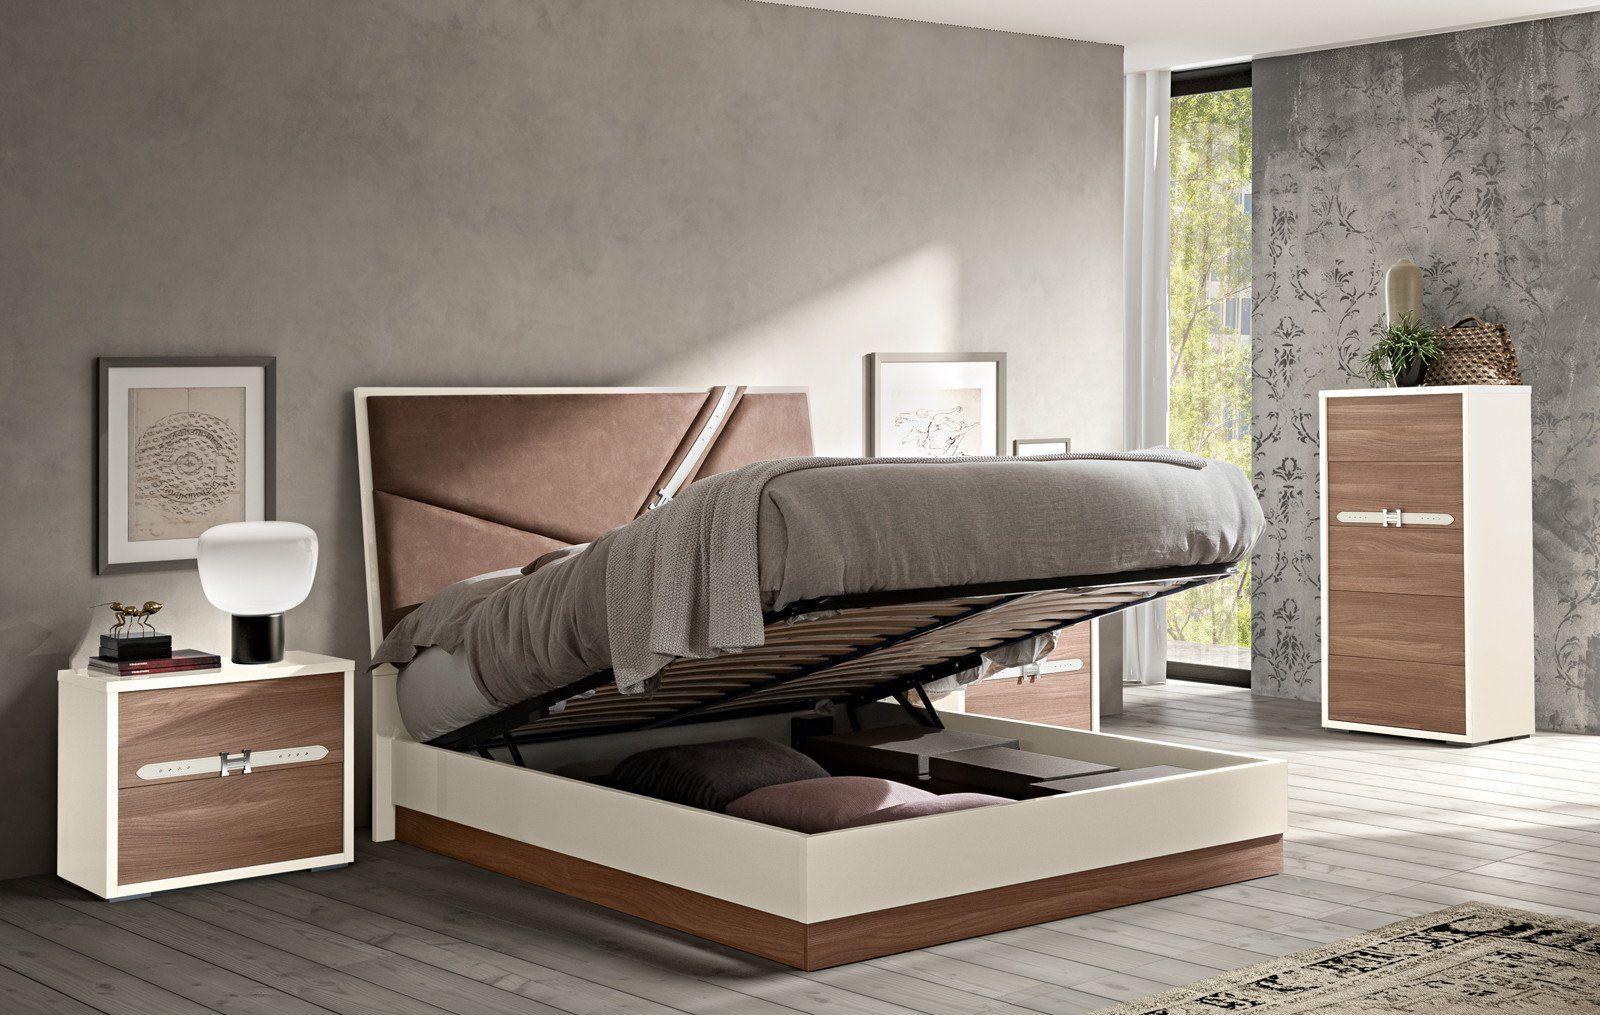 Italian Furniture Bedroom Set Elegant Made In Italy Wood Designer Bedroom Furniture Sets With O Modern Bedroom Furniture Bedroom Set Designs Modern Bedroom Set